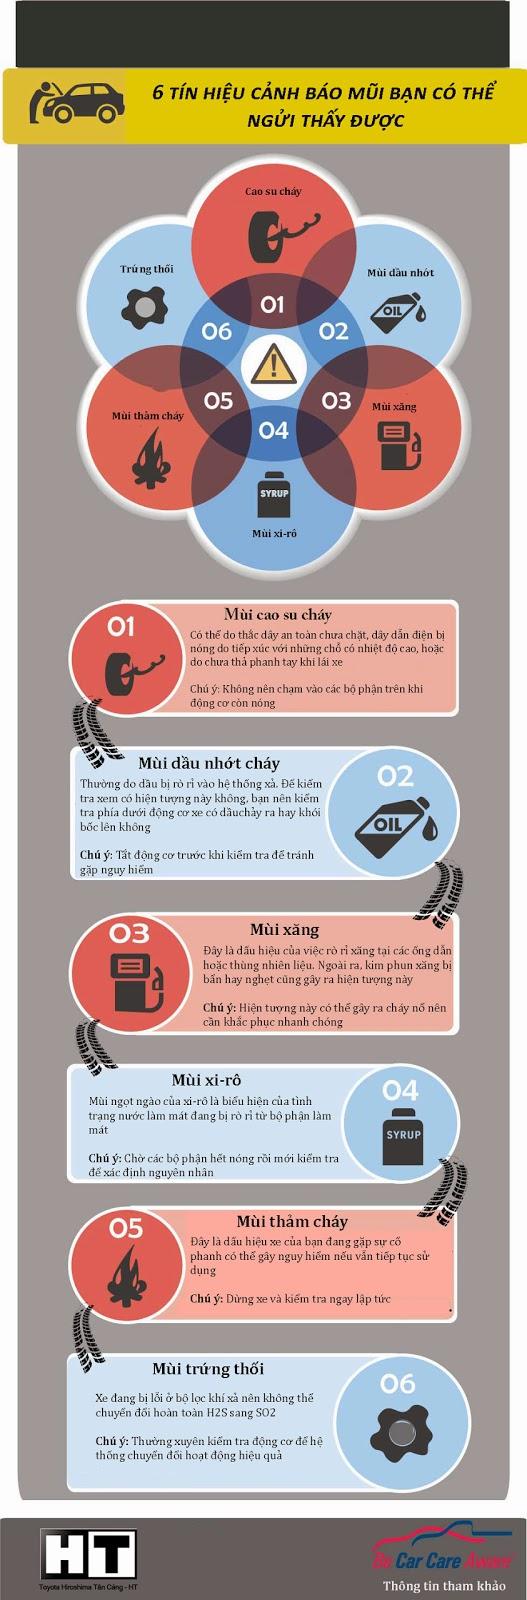 [Infographic] 6 tín hiệu cảnh báo mũi bạn có thể ngửi thấy được